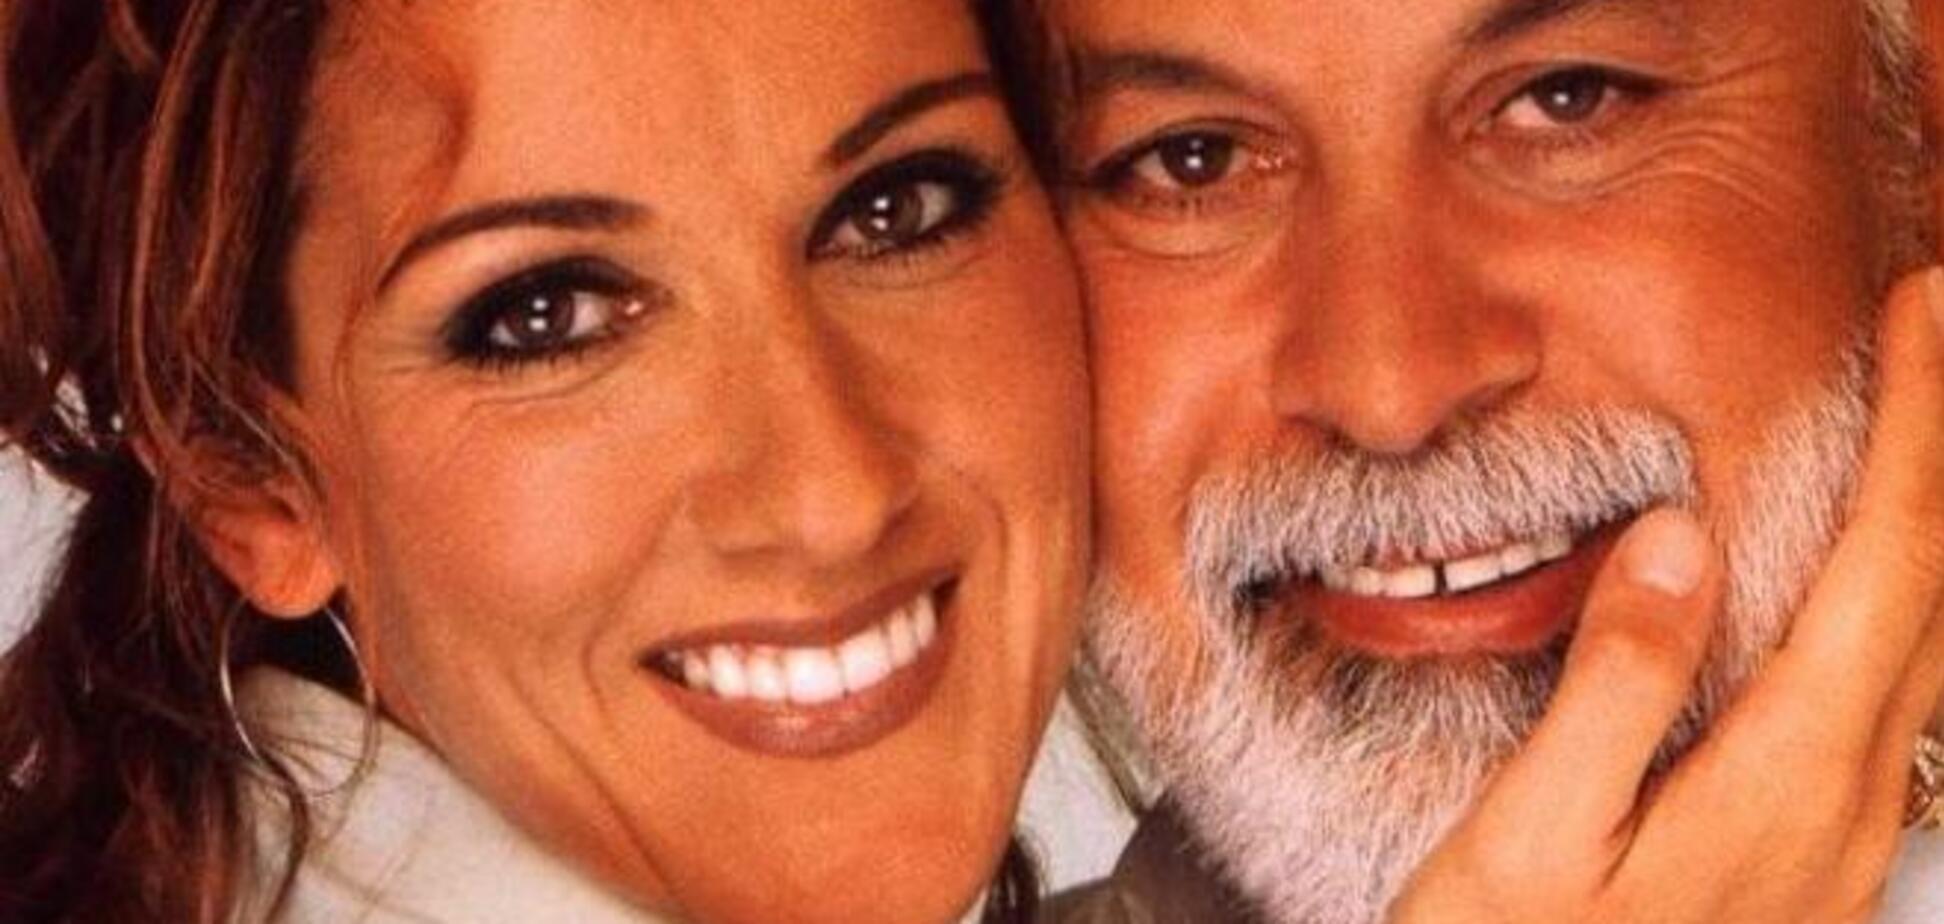 Селин Дион прервала концертный тур из-за болезни мужа